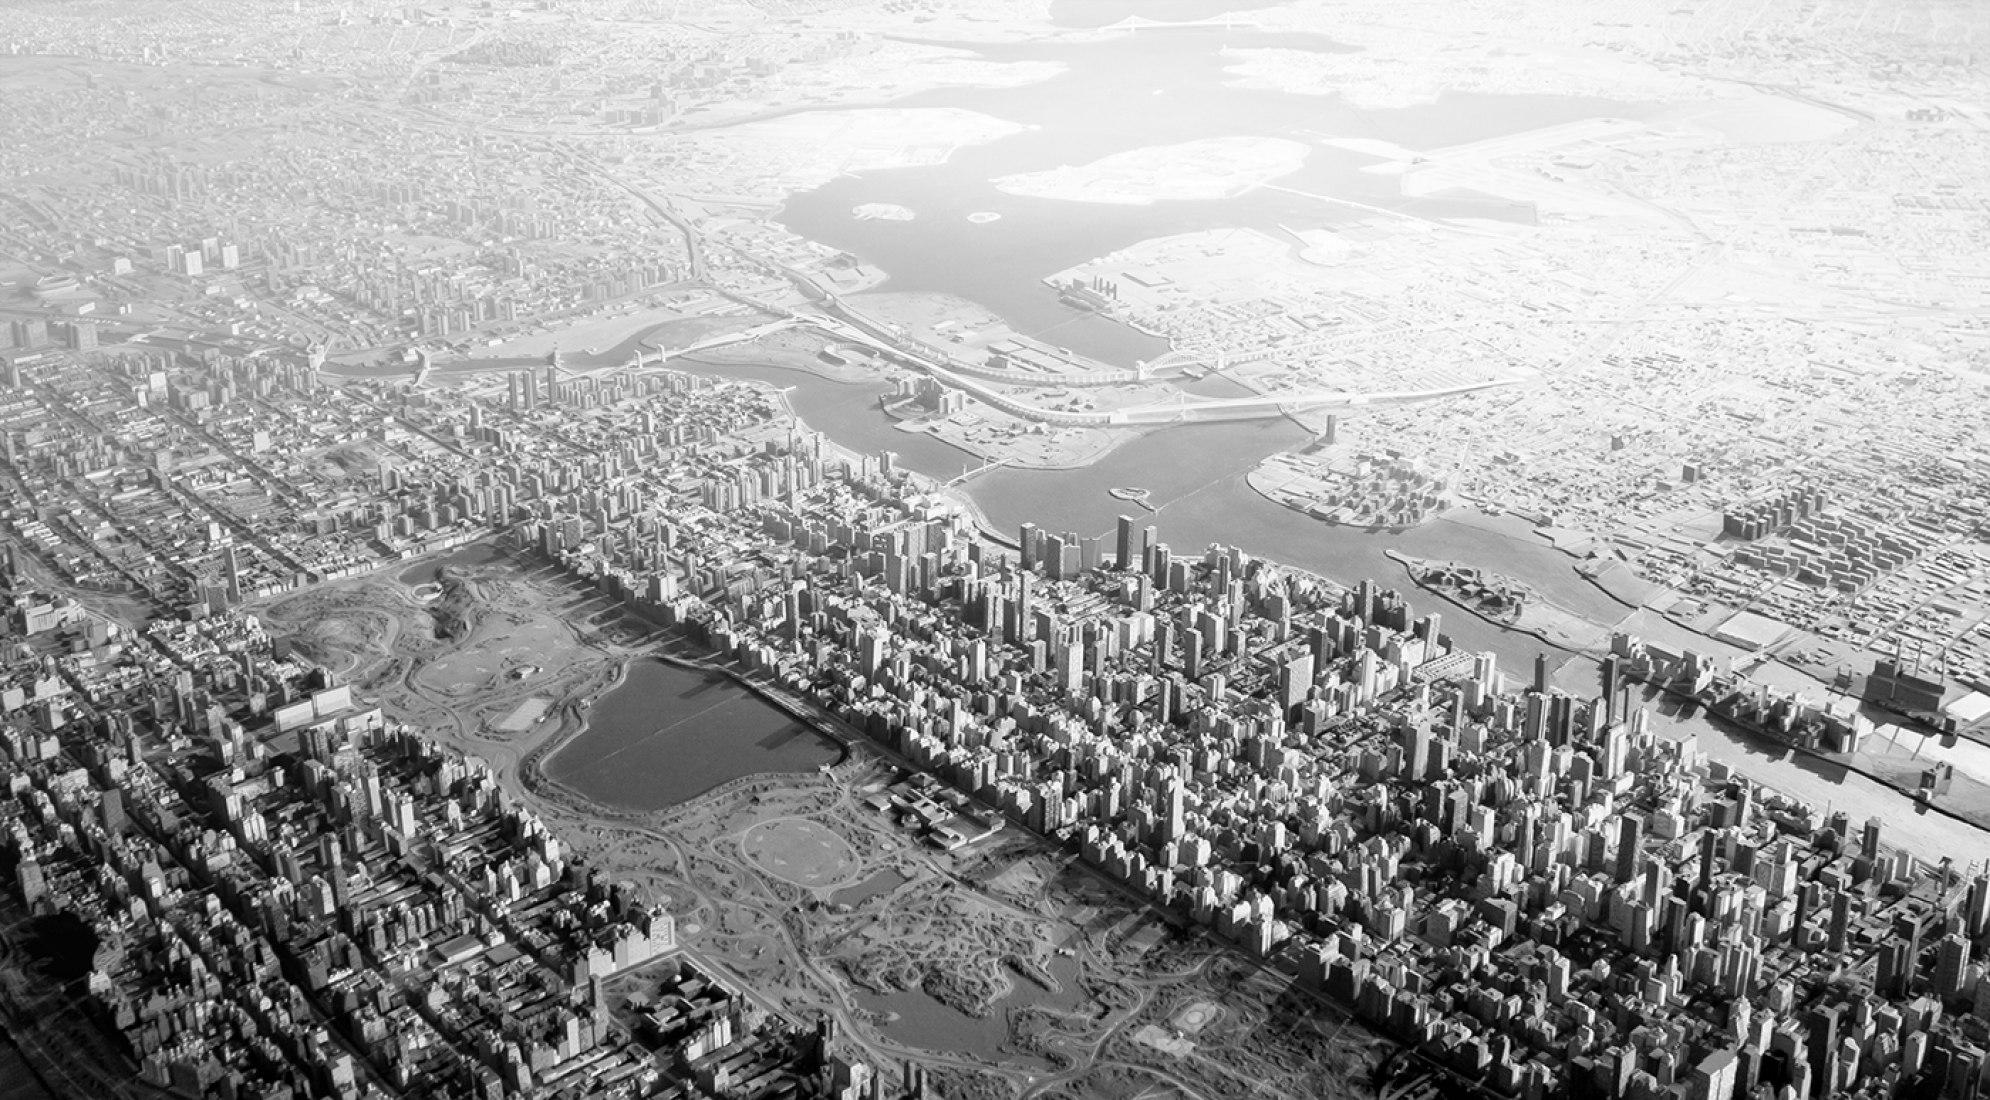 Panorama de la ciudad de Nueva York, maqueta a escala de Nueva York ideada por Moses para celebrar la infraestructura municipal. Fotografía de la maqueta por Joshua Frankel.